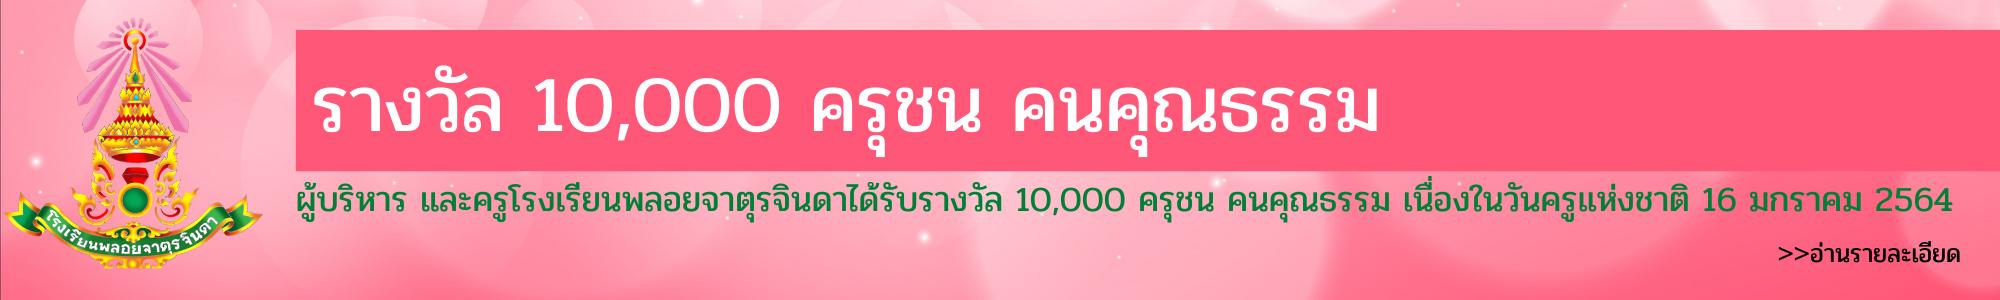 รางวัล 10,000 ครุชน คนคุณธรรม